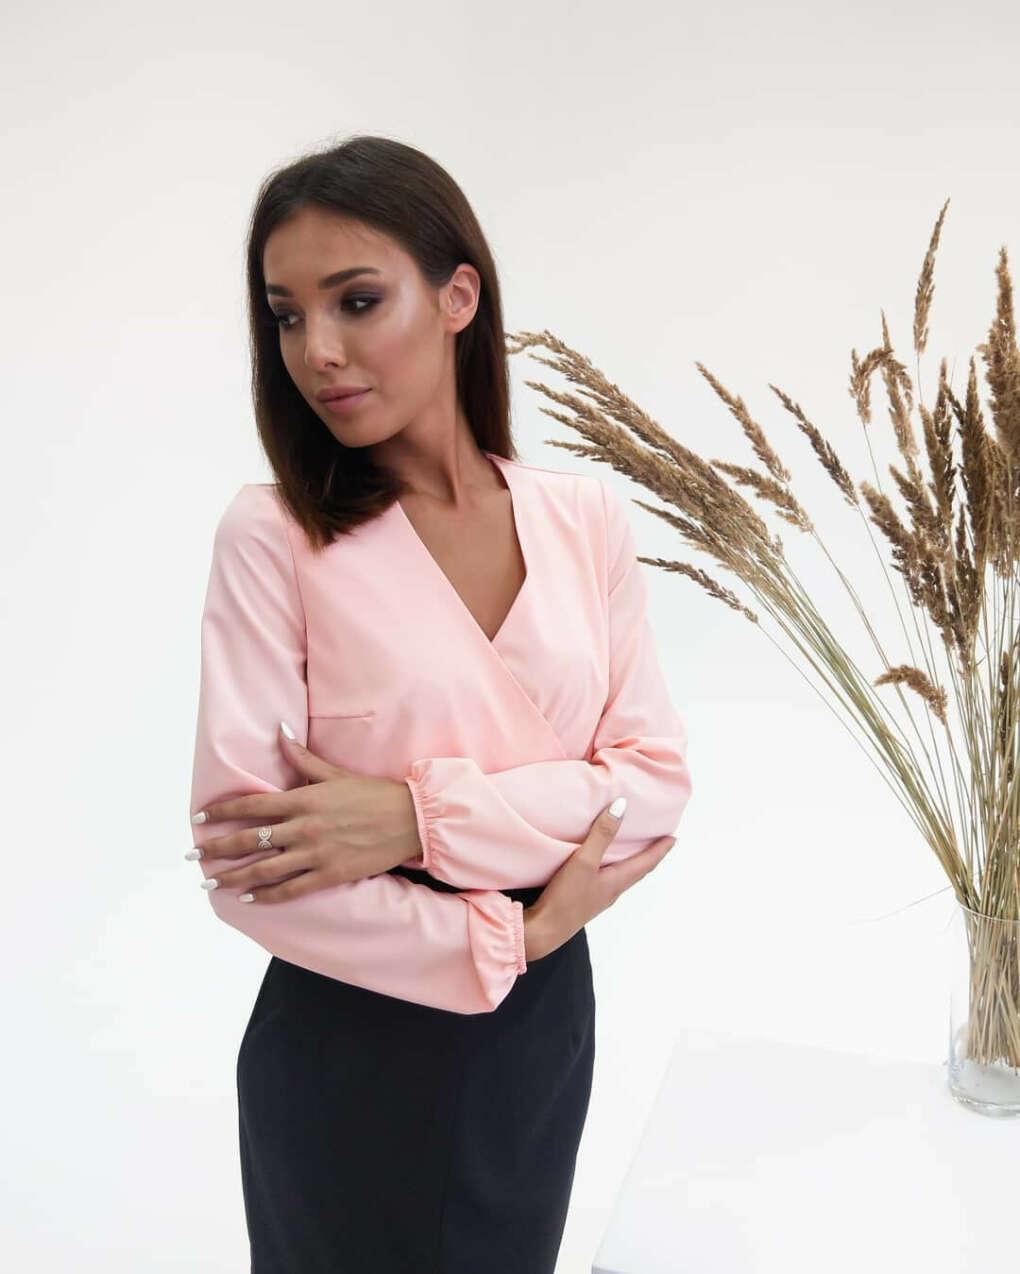 """Женская одежда Impulse on Instagram: """"Элегантная блуза на запах, в нежно-розовом оттенке и юбка длины миди в тонкую полоску. ⠀ ➡Ткань: юбка - трикотаж Джерси, блуза - ниагара…"""""""